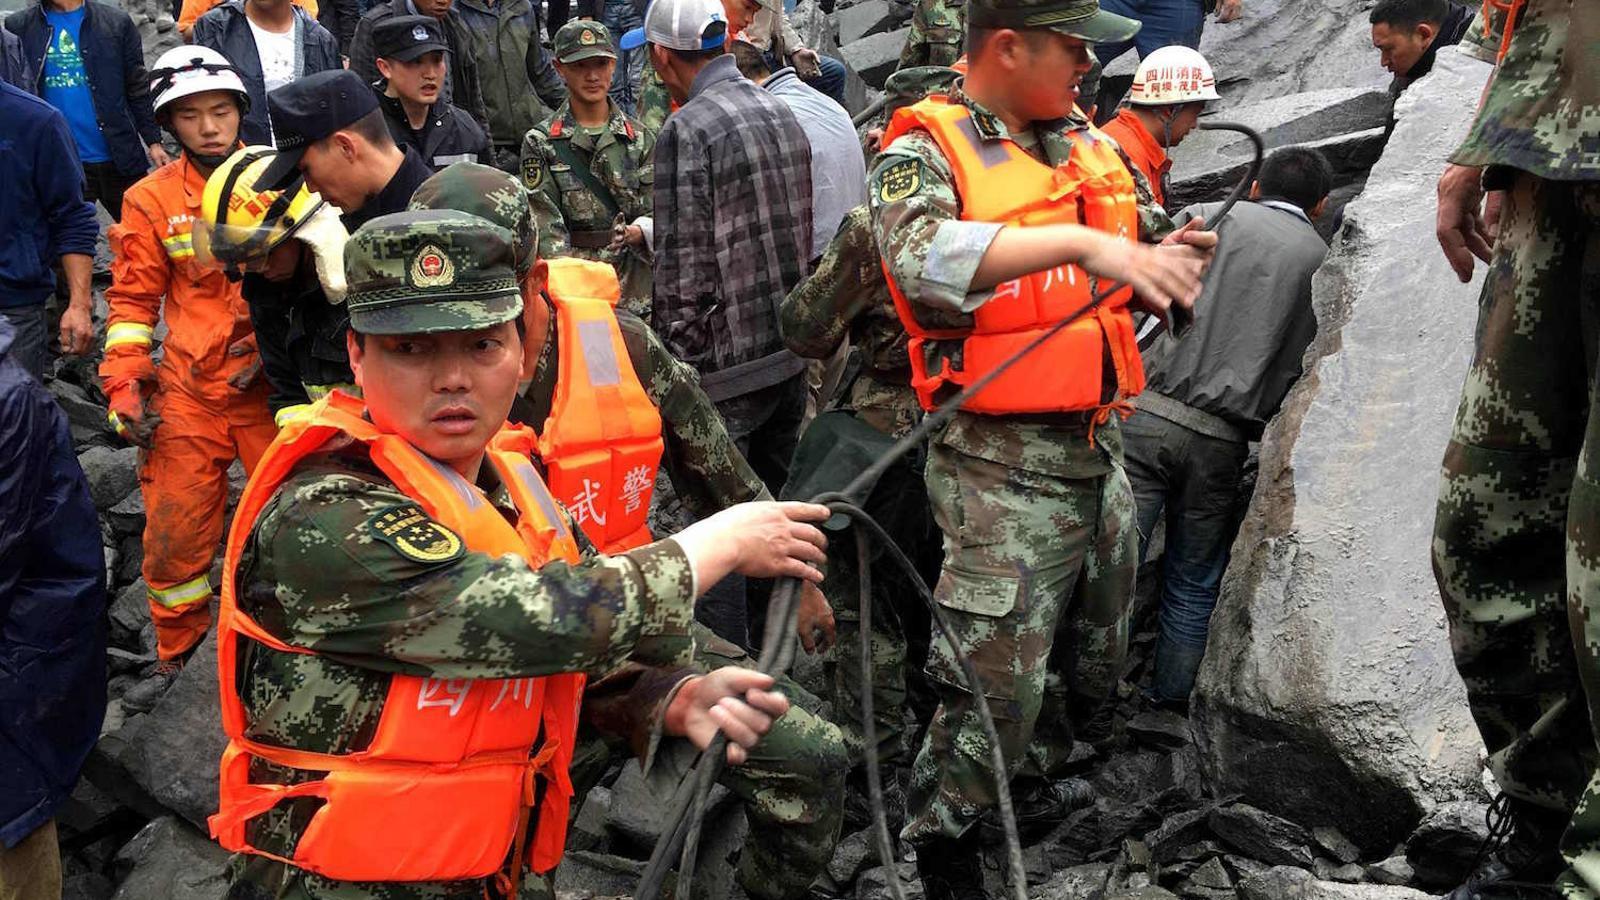 Equips de rescat treballant a la zona de l'esllavissada que ha sepultat un poble a Sichuan, a la Xina